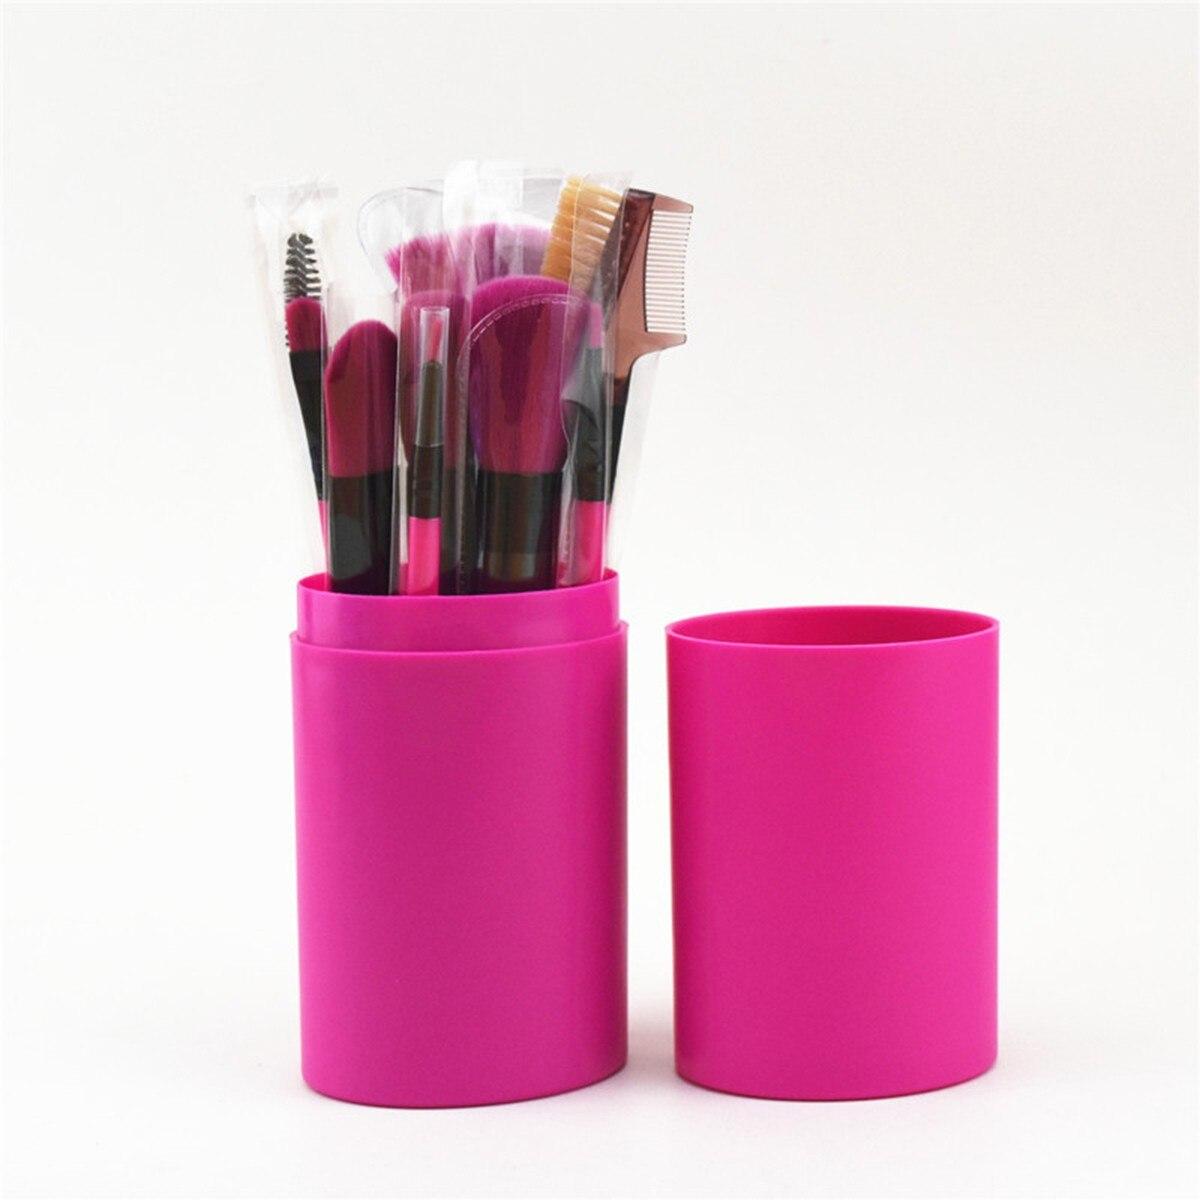 化妝刷盒裝12化妝刷腮紅刷粉底刷套裝工具化妝刷化妝刷遮瑕膏陰影化妝刷